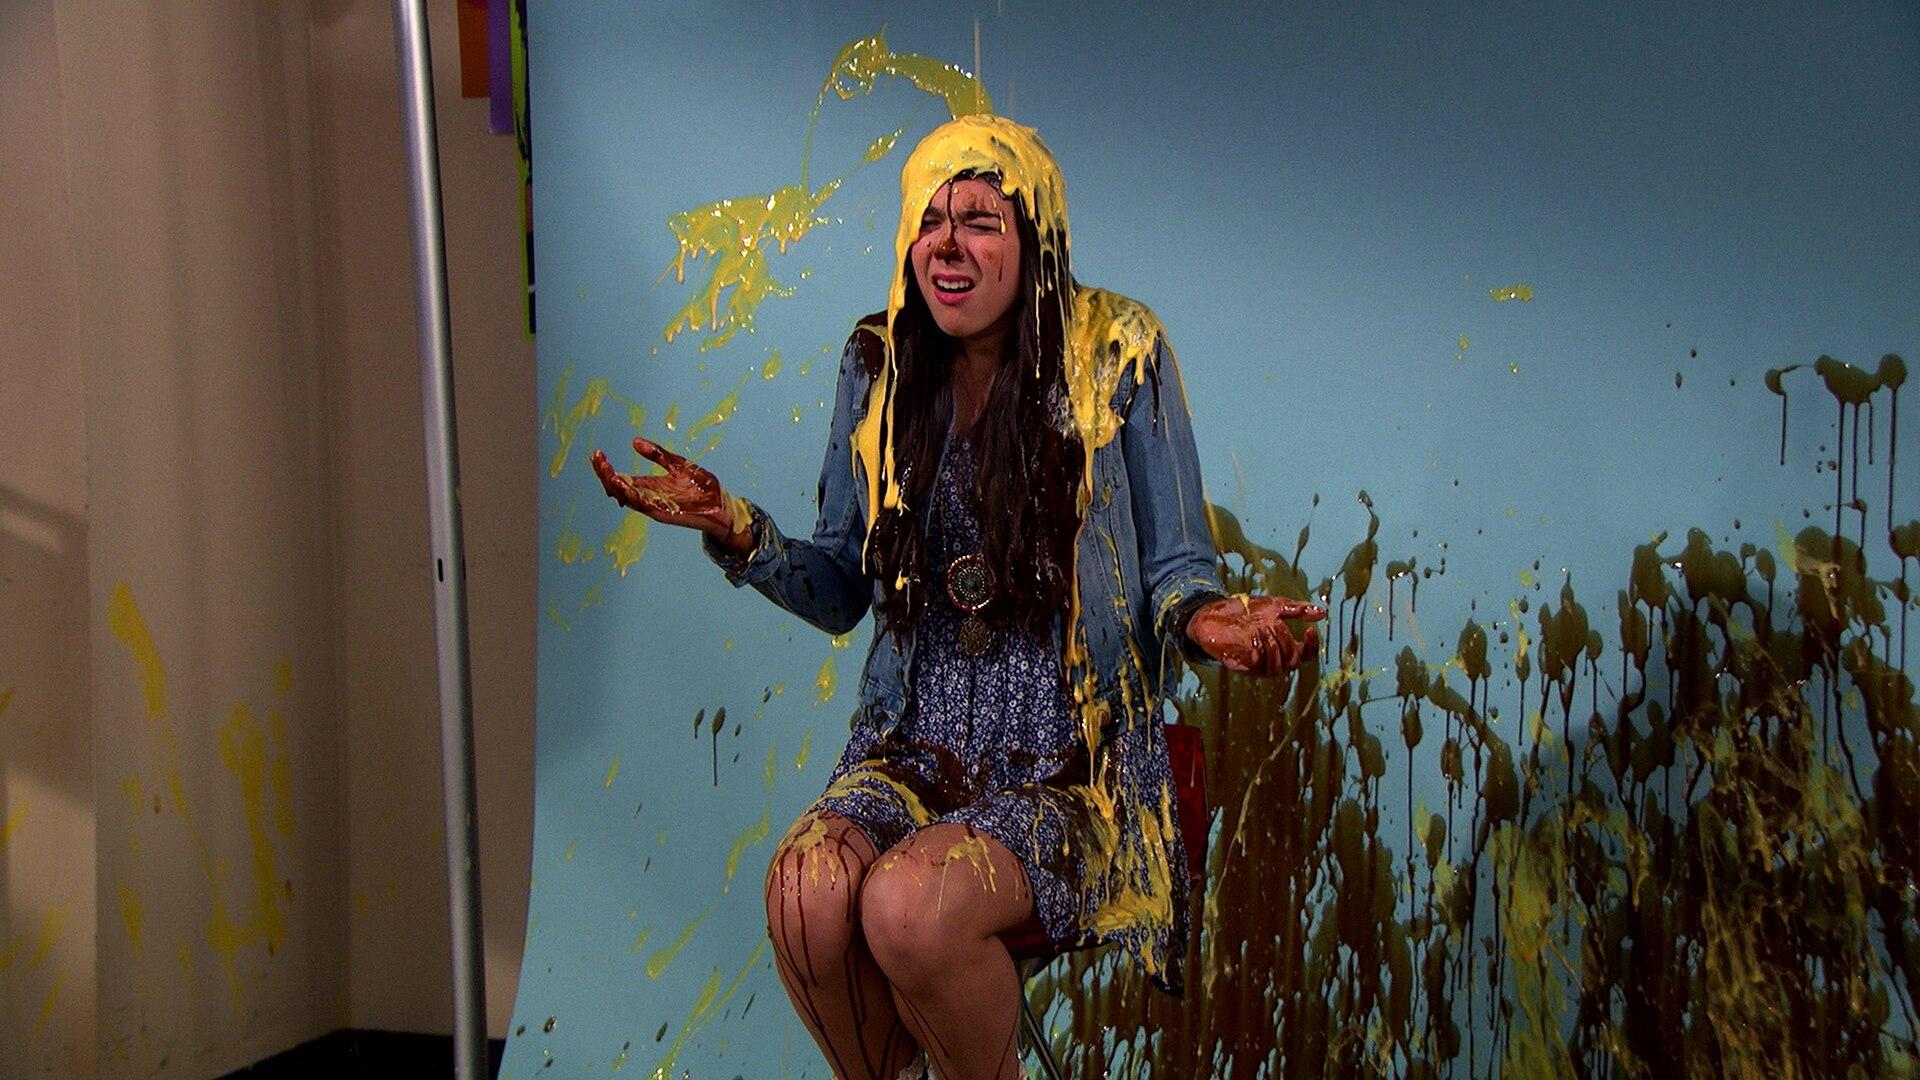 Phoebe vs. Max